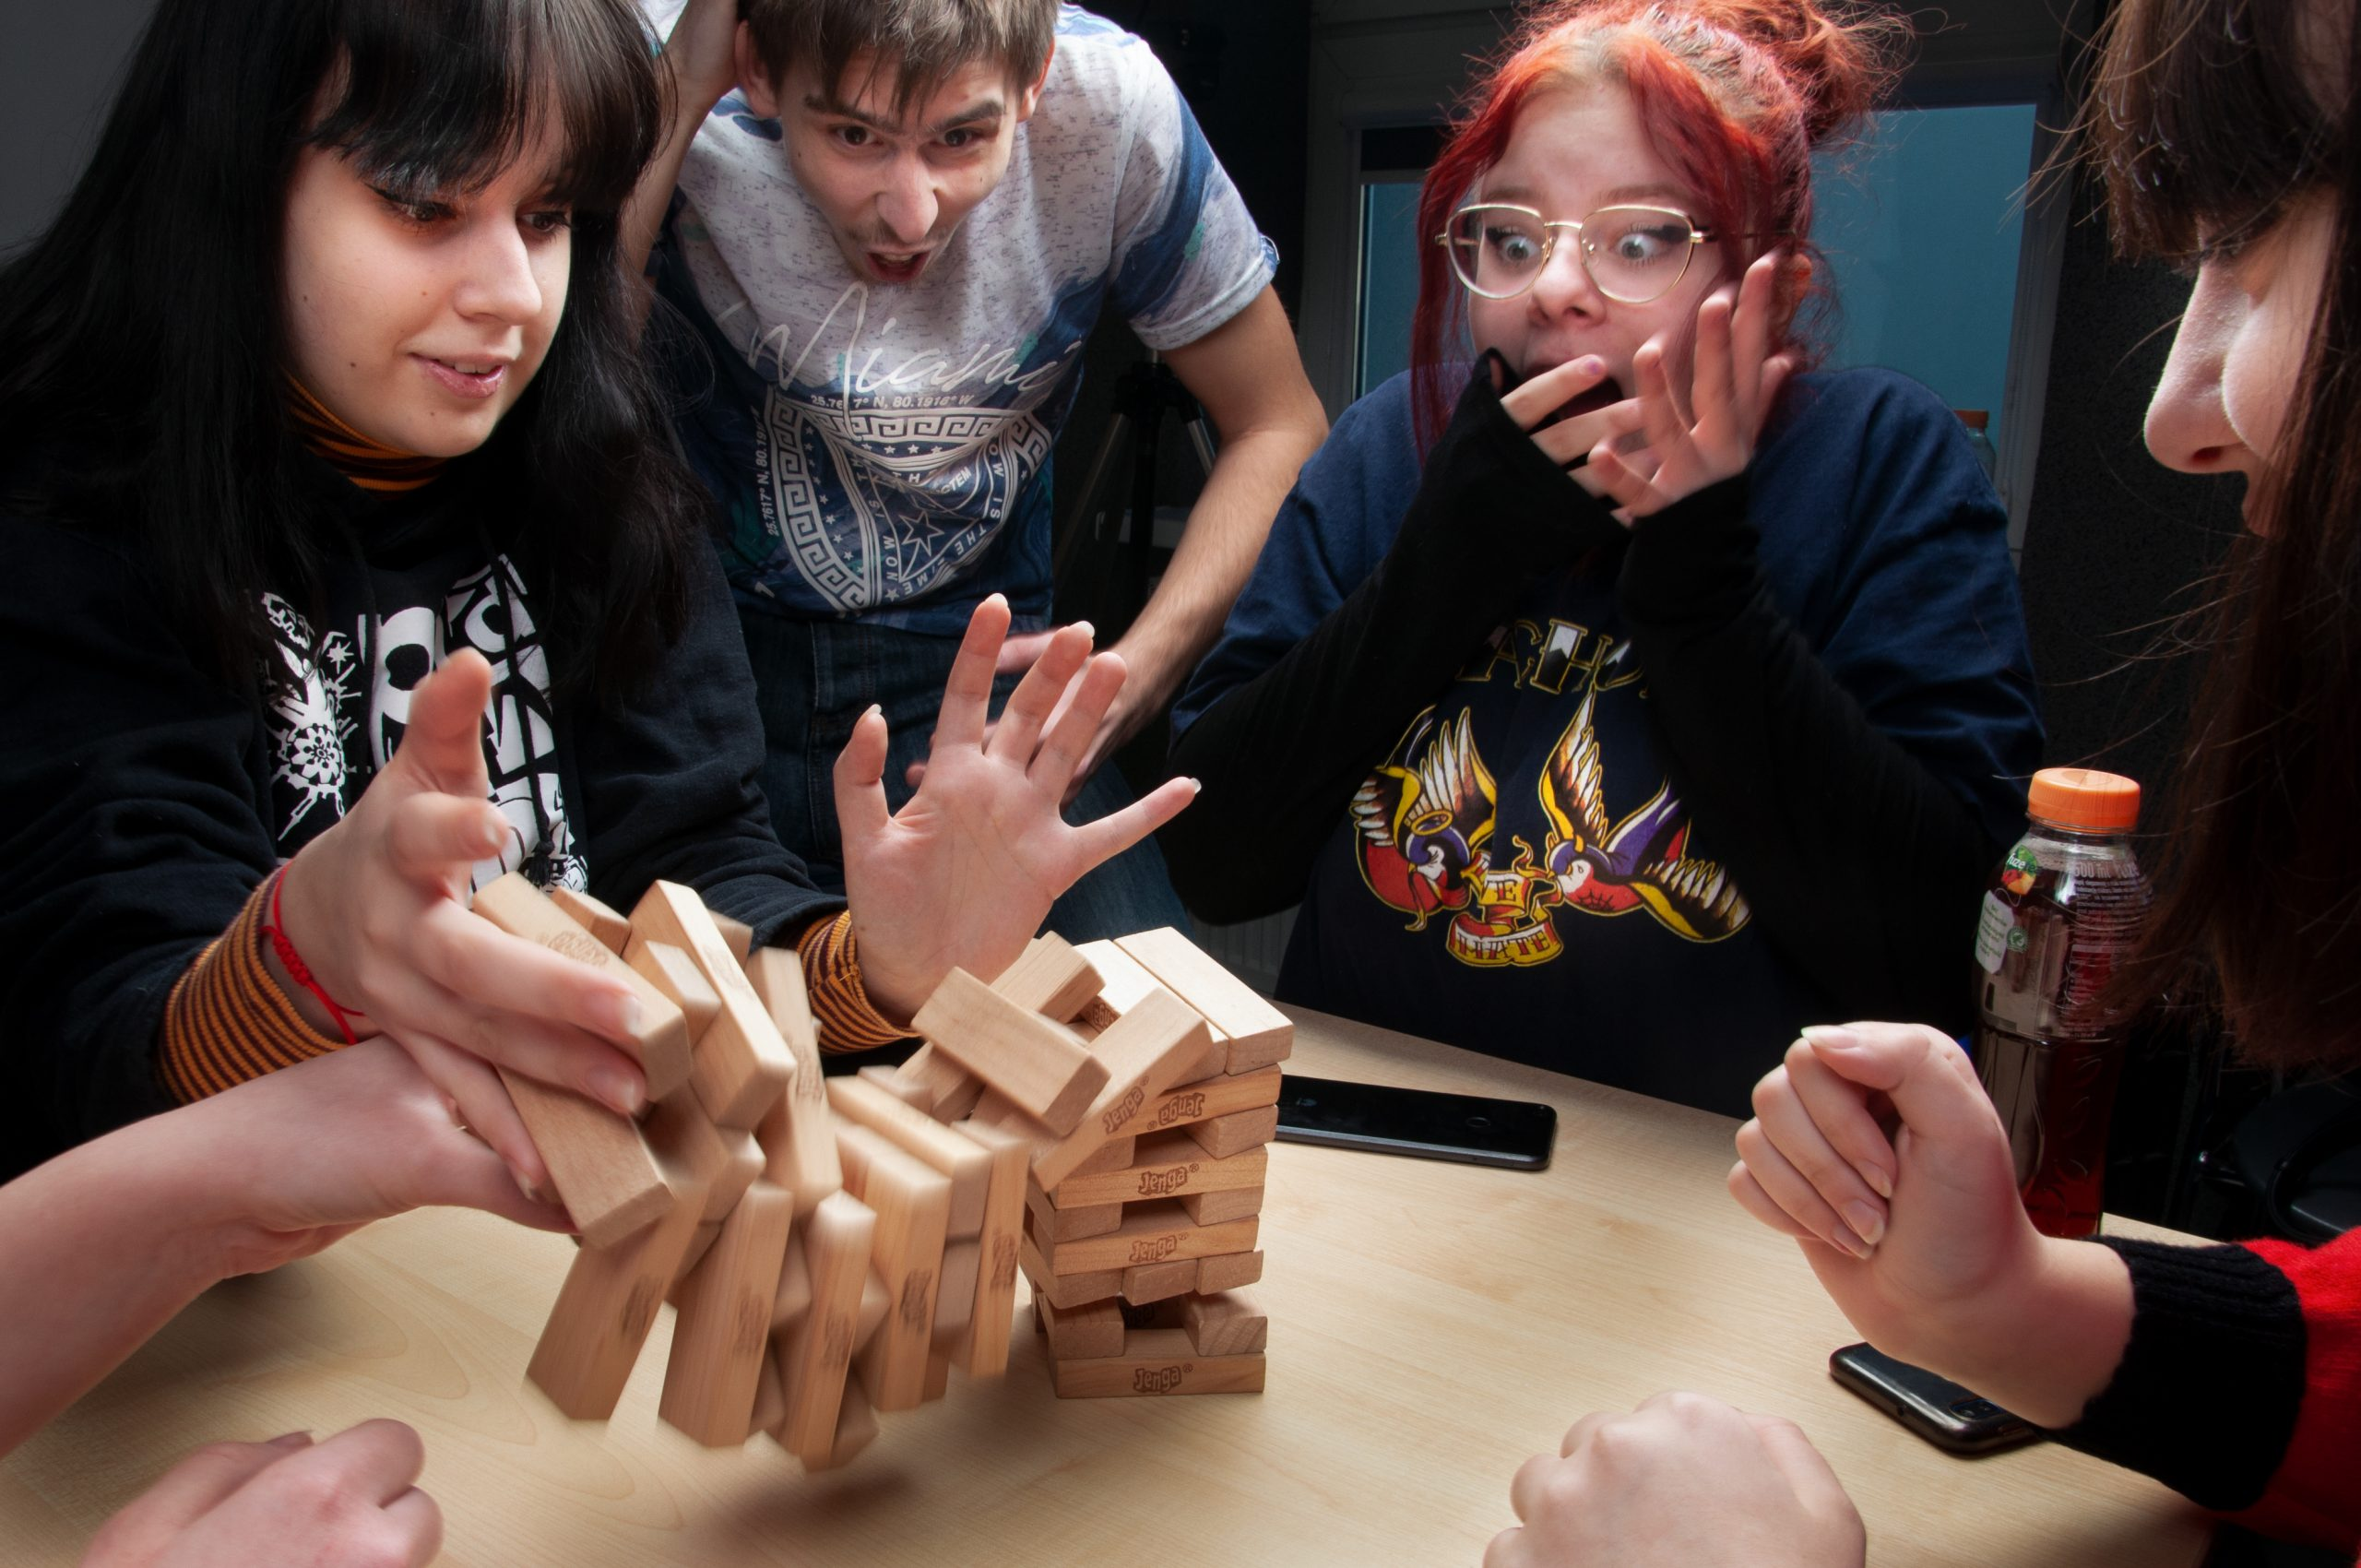 cztery młode osoby grają w grę Jenga, klosku rozsypują się na blat stolika